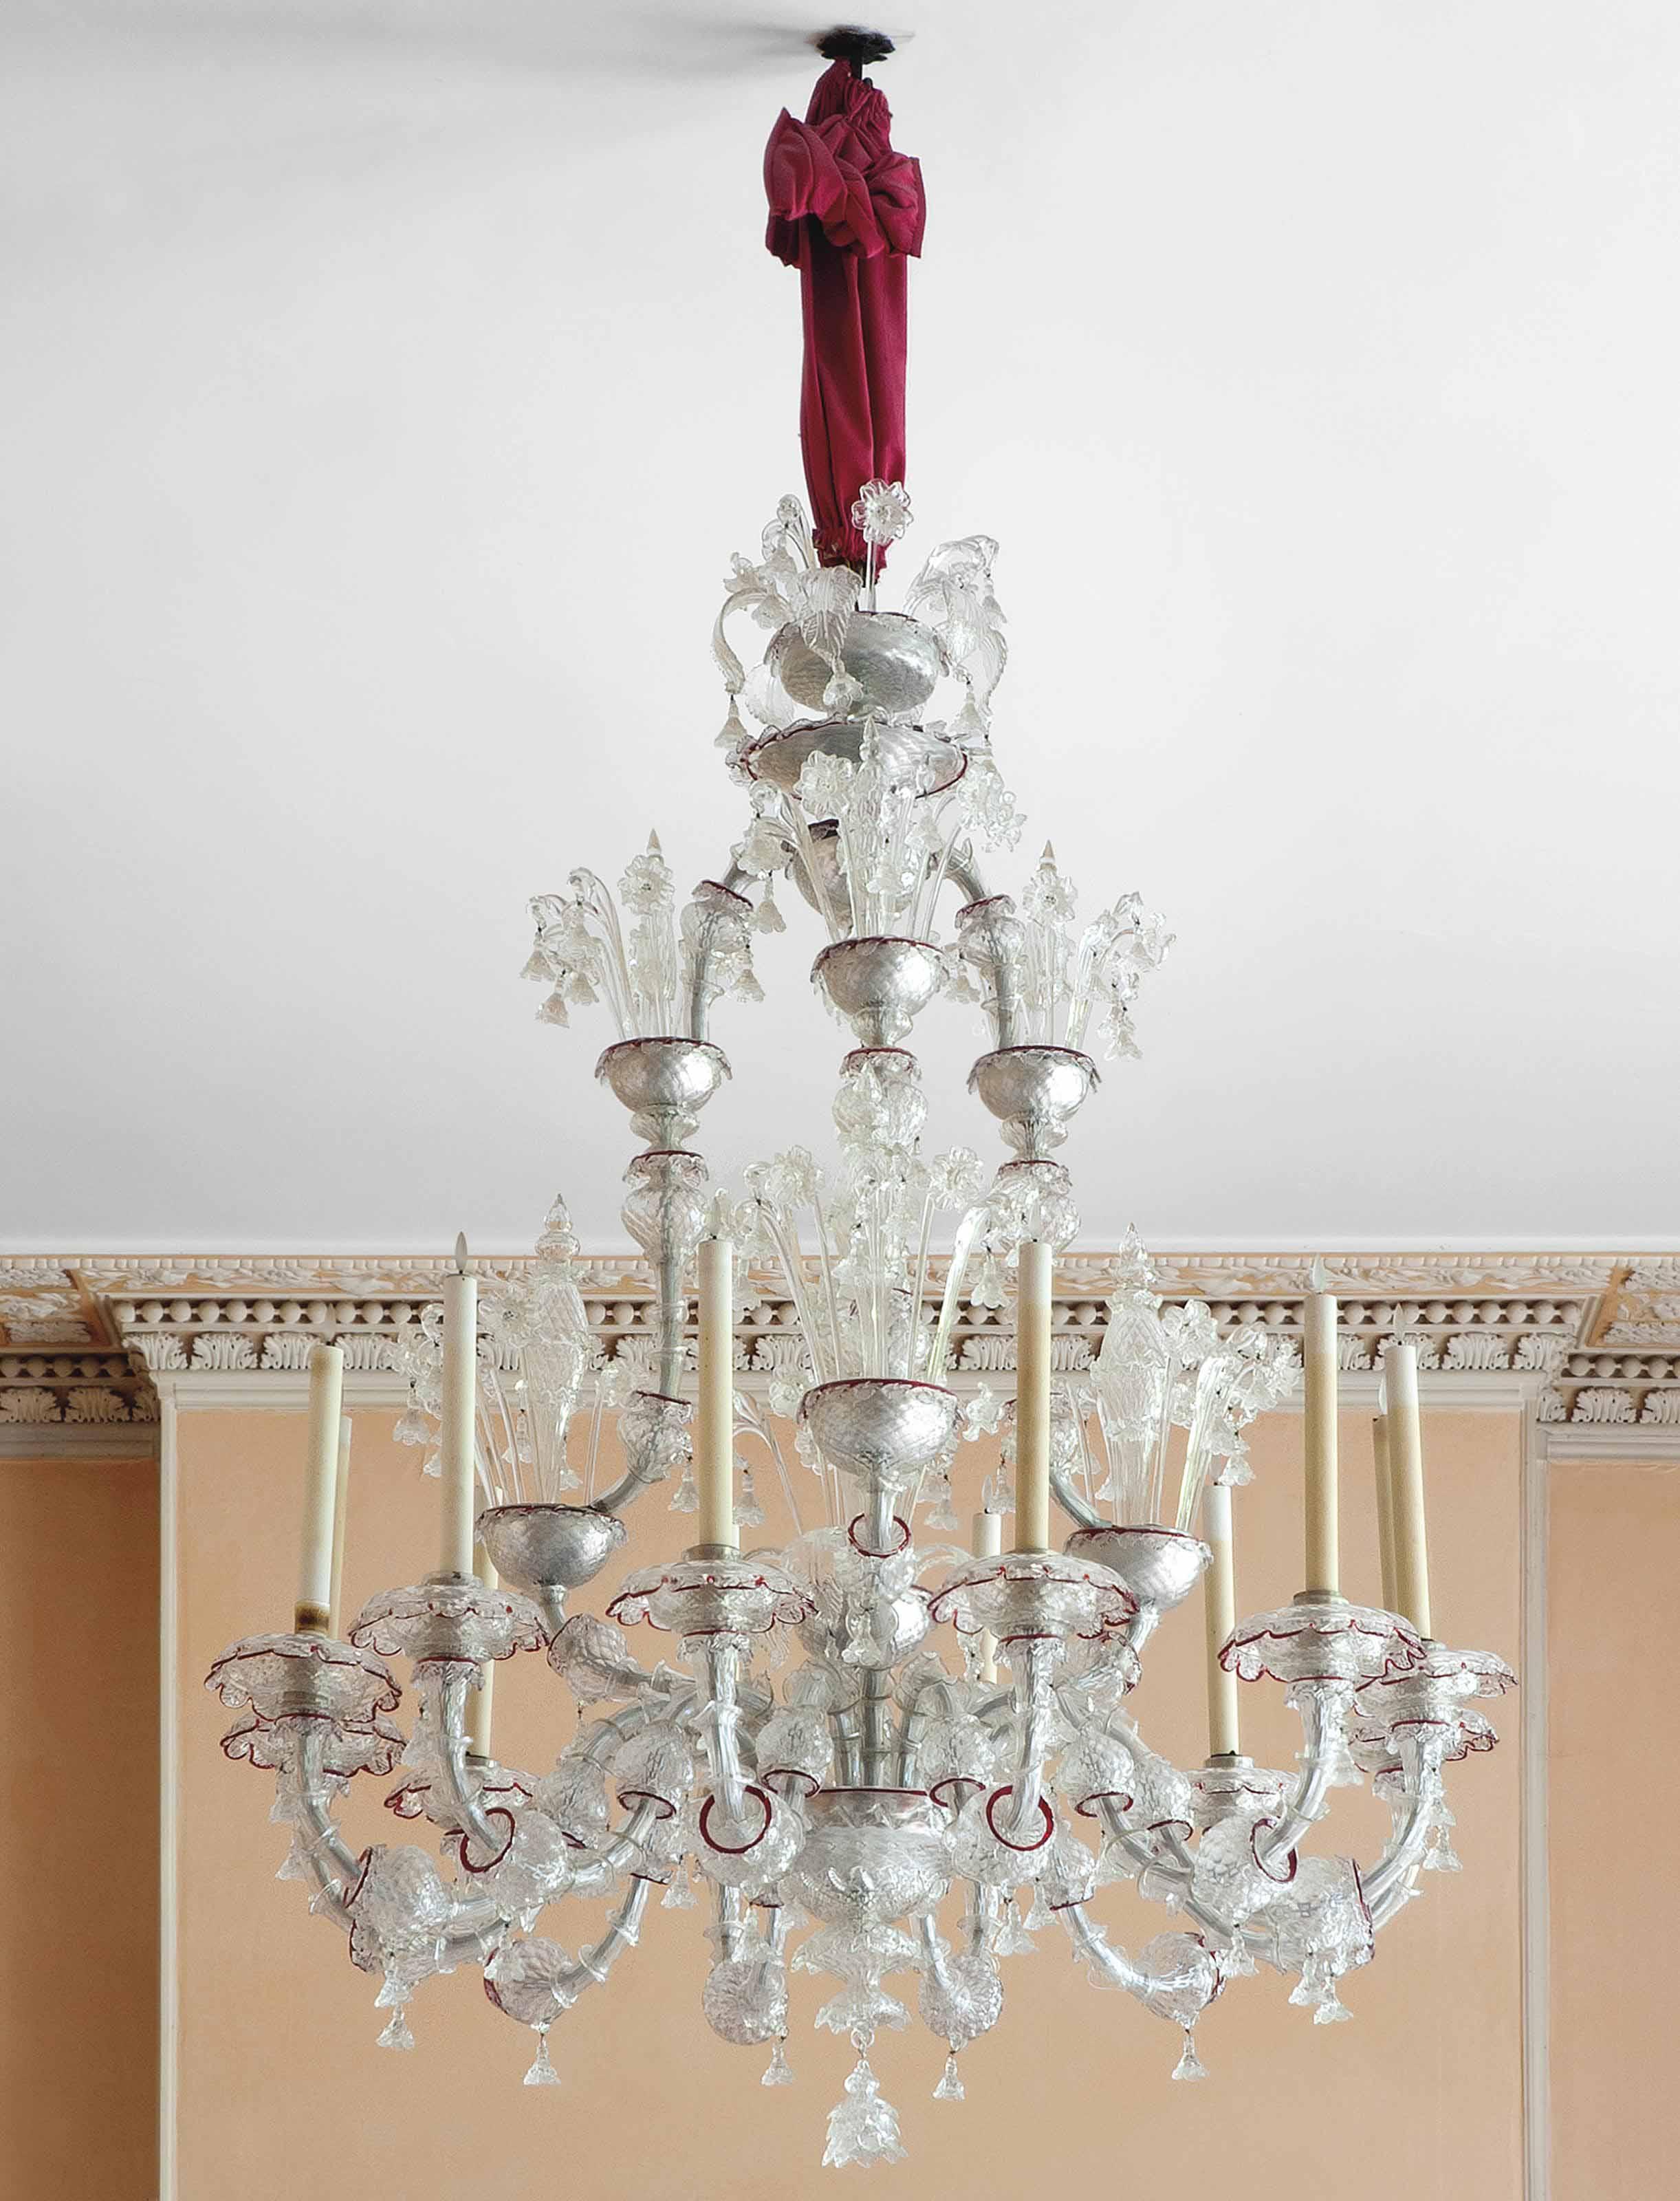 A VENETIAN MURANO GLASS TWELVE-LIGHT CHANDELIER